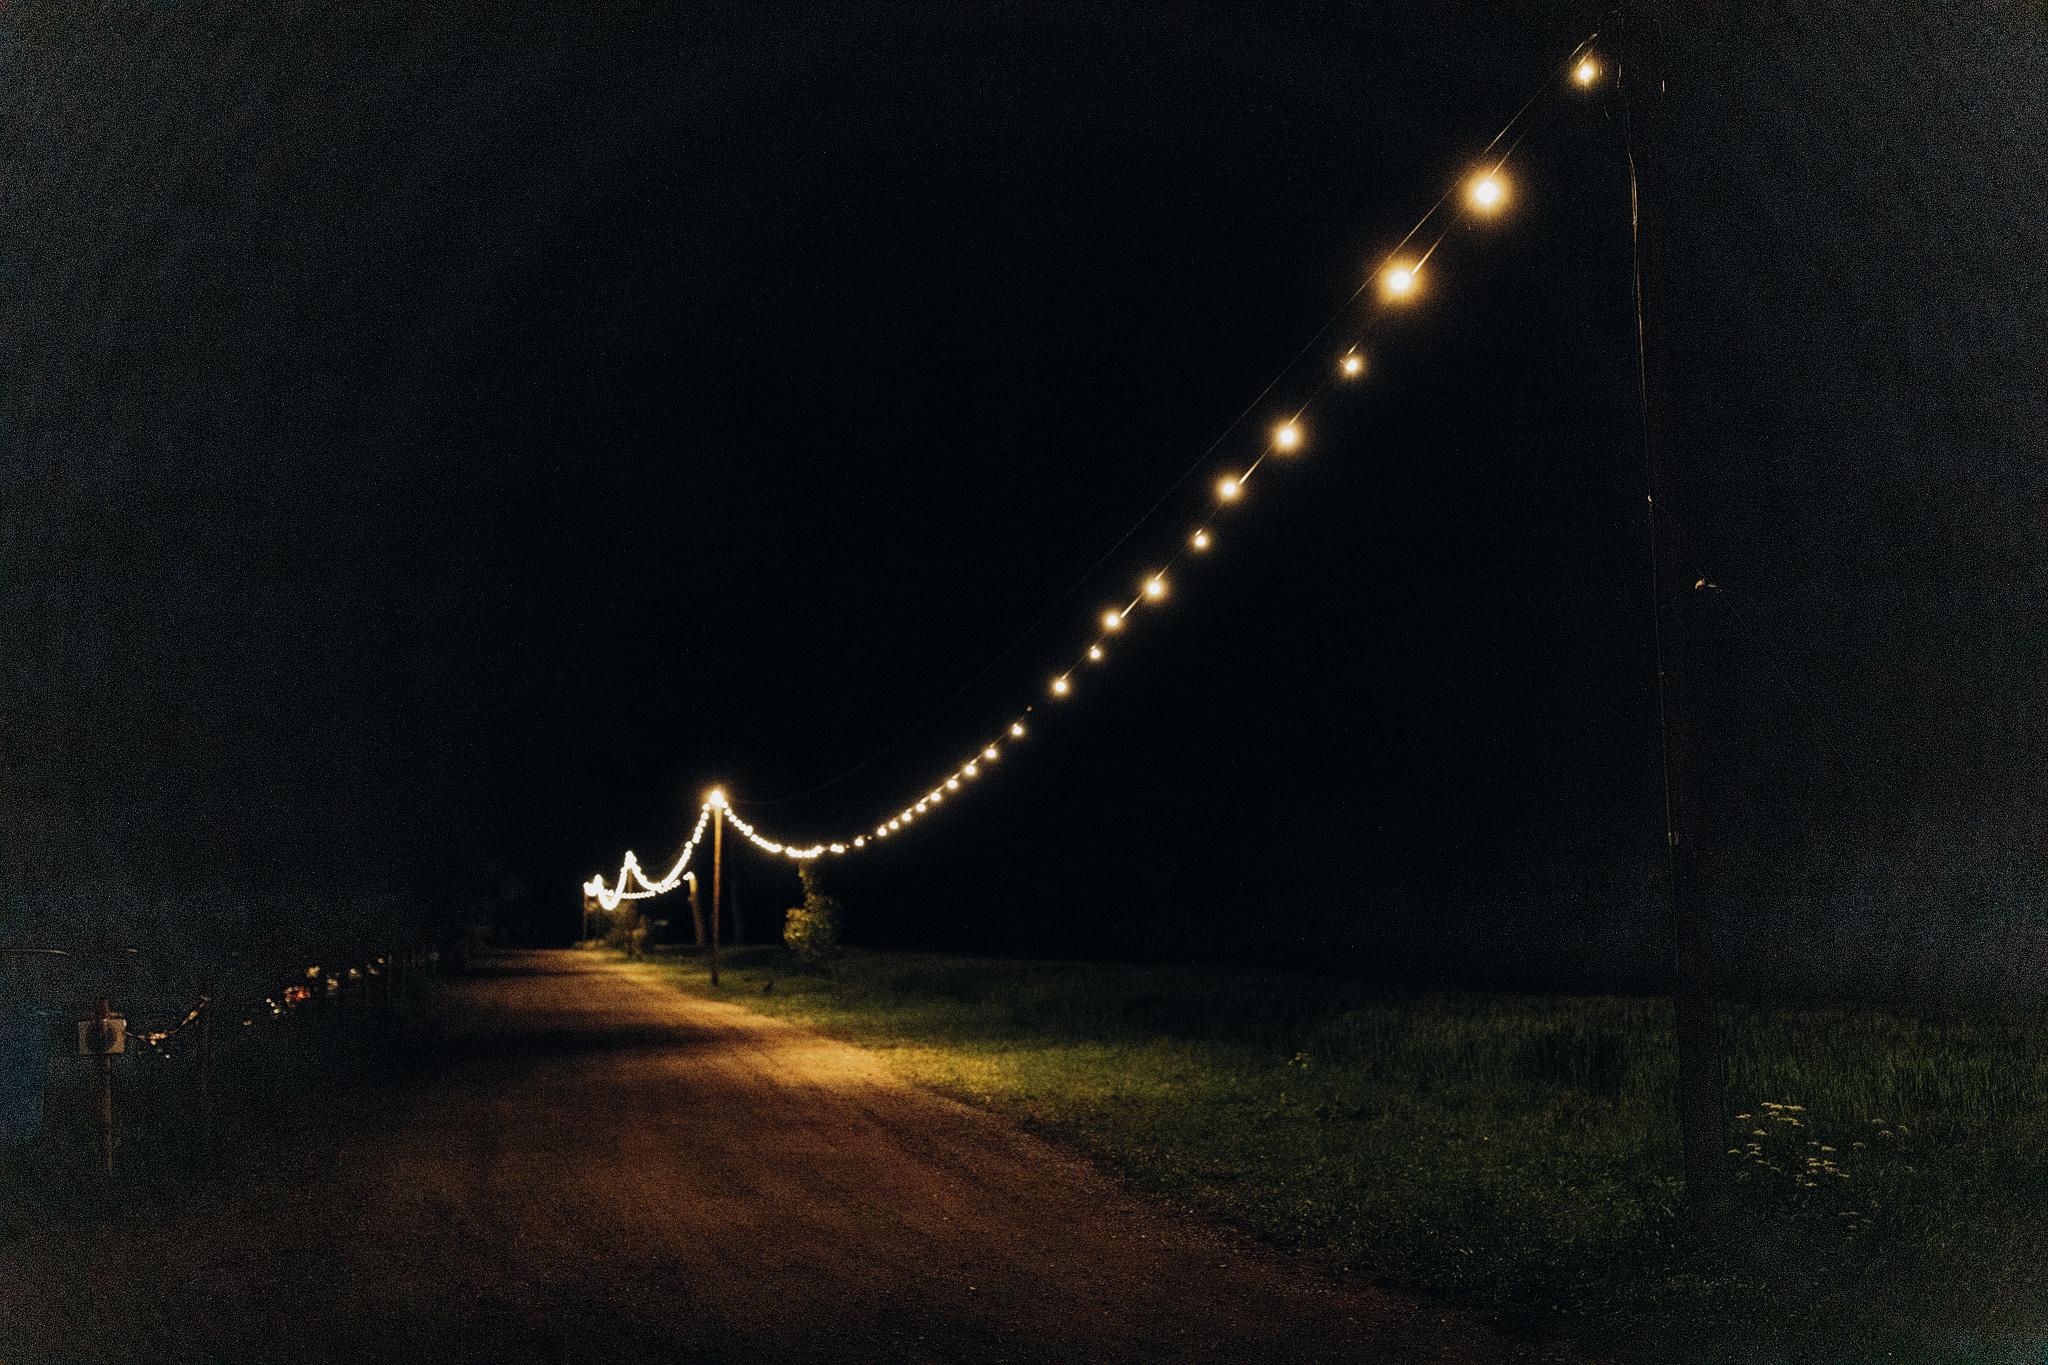 Verlichte weg naar Kloster Graefenthal in de avond